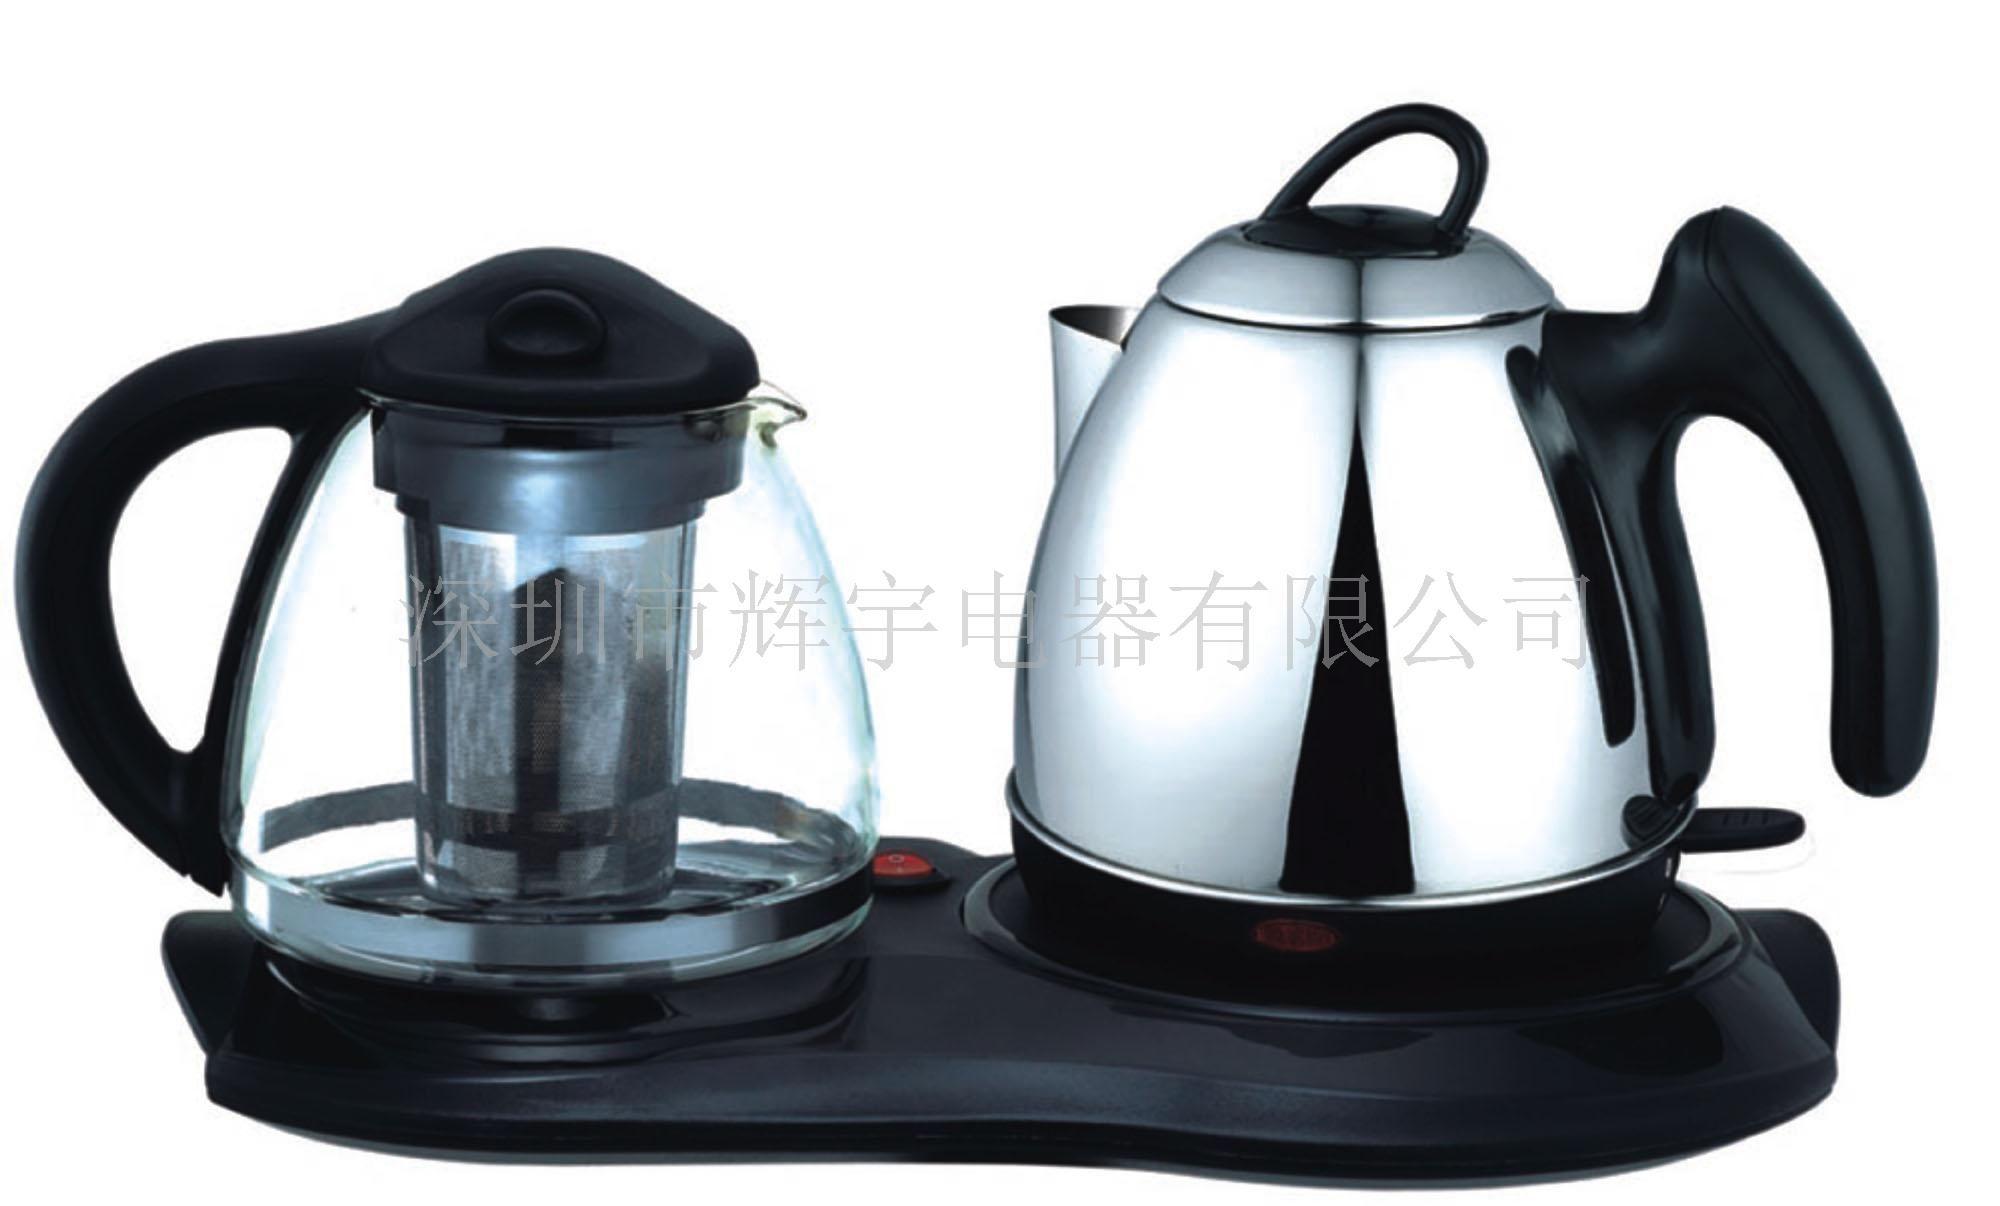 電熱水壺套壺、電水壺套裝,電熱壺